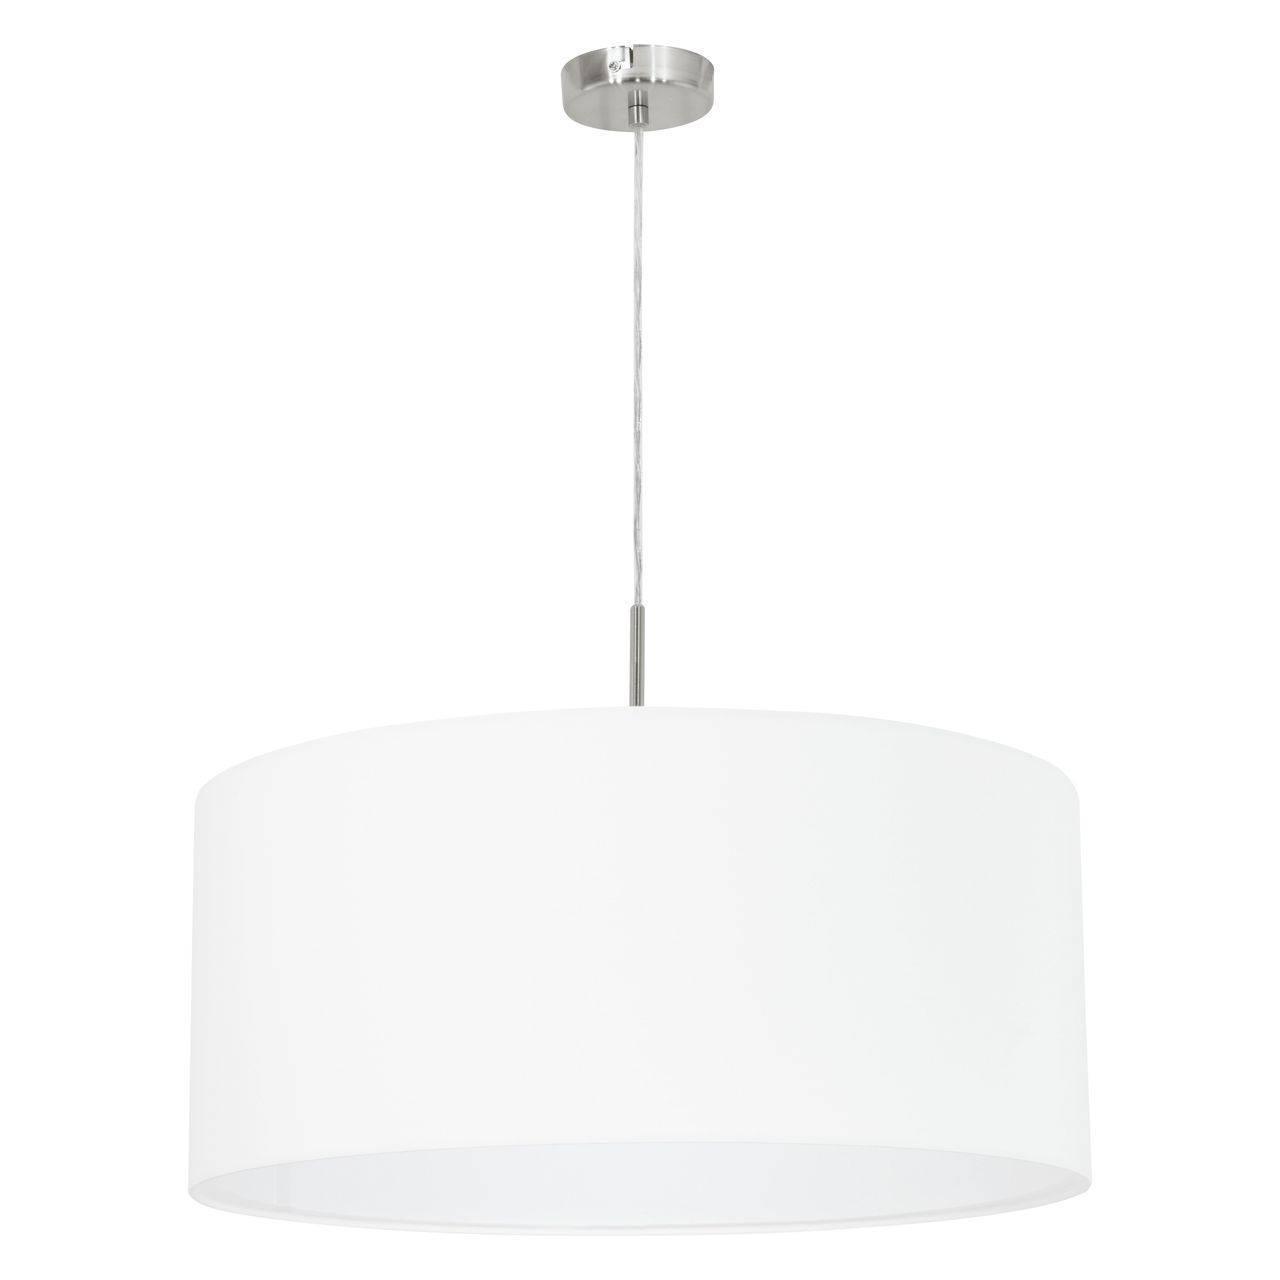 Купить Подвесной светильник Eglo Pasteri , inmyroom, Австрия